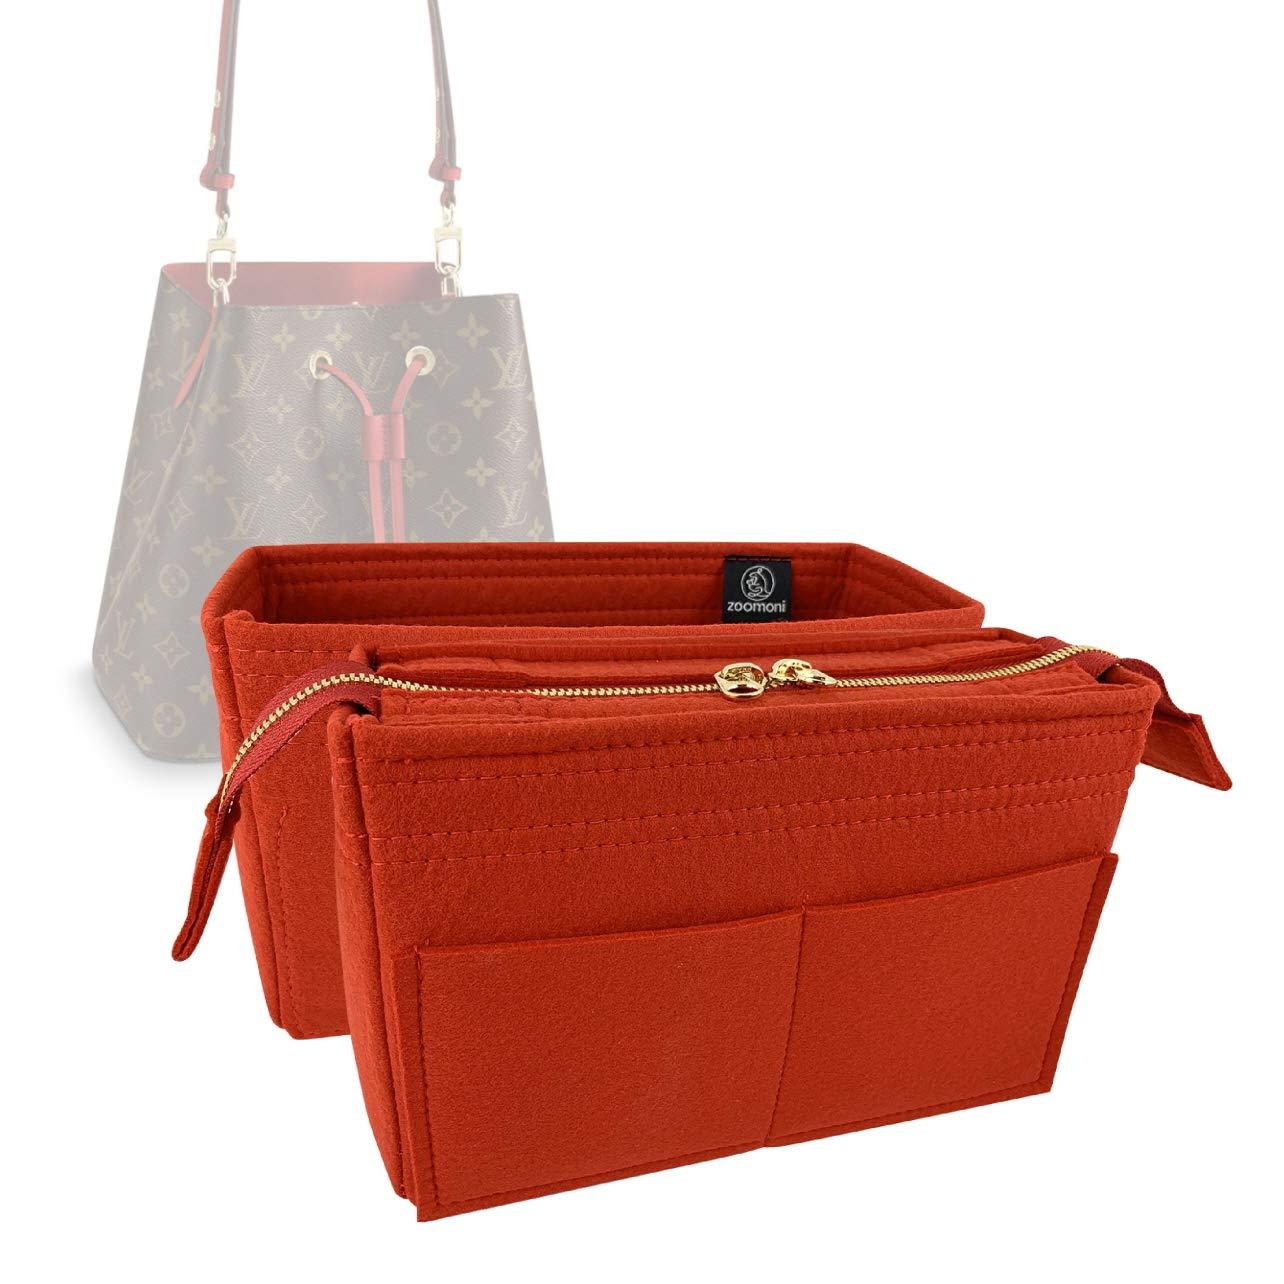 Premium Felt Bag Organizer for LV Noe Handmade//20 Colors